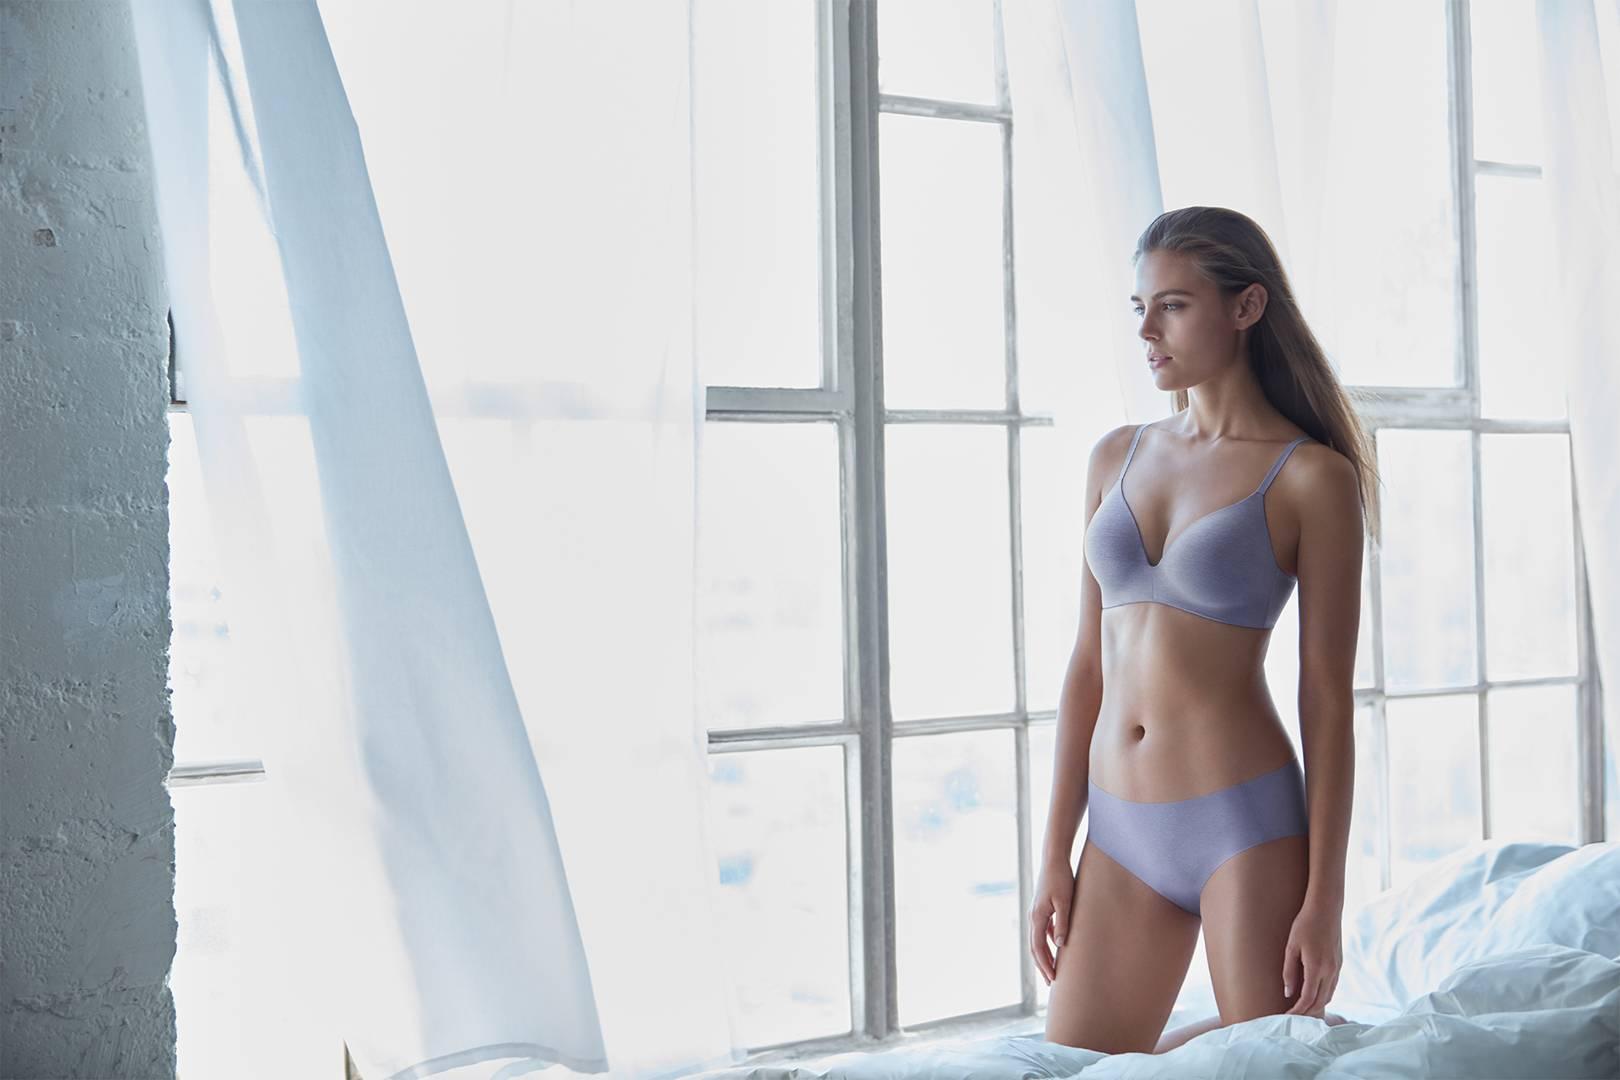 fa4b4800dfae Uniqlo And Vogue Explore The Evolution Of The Bra | British Vogue